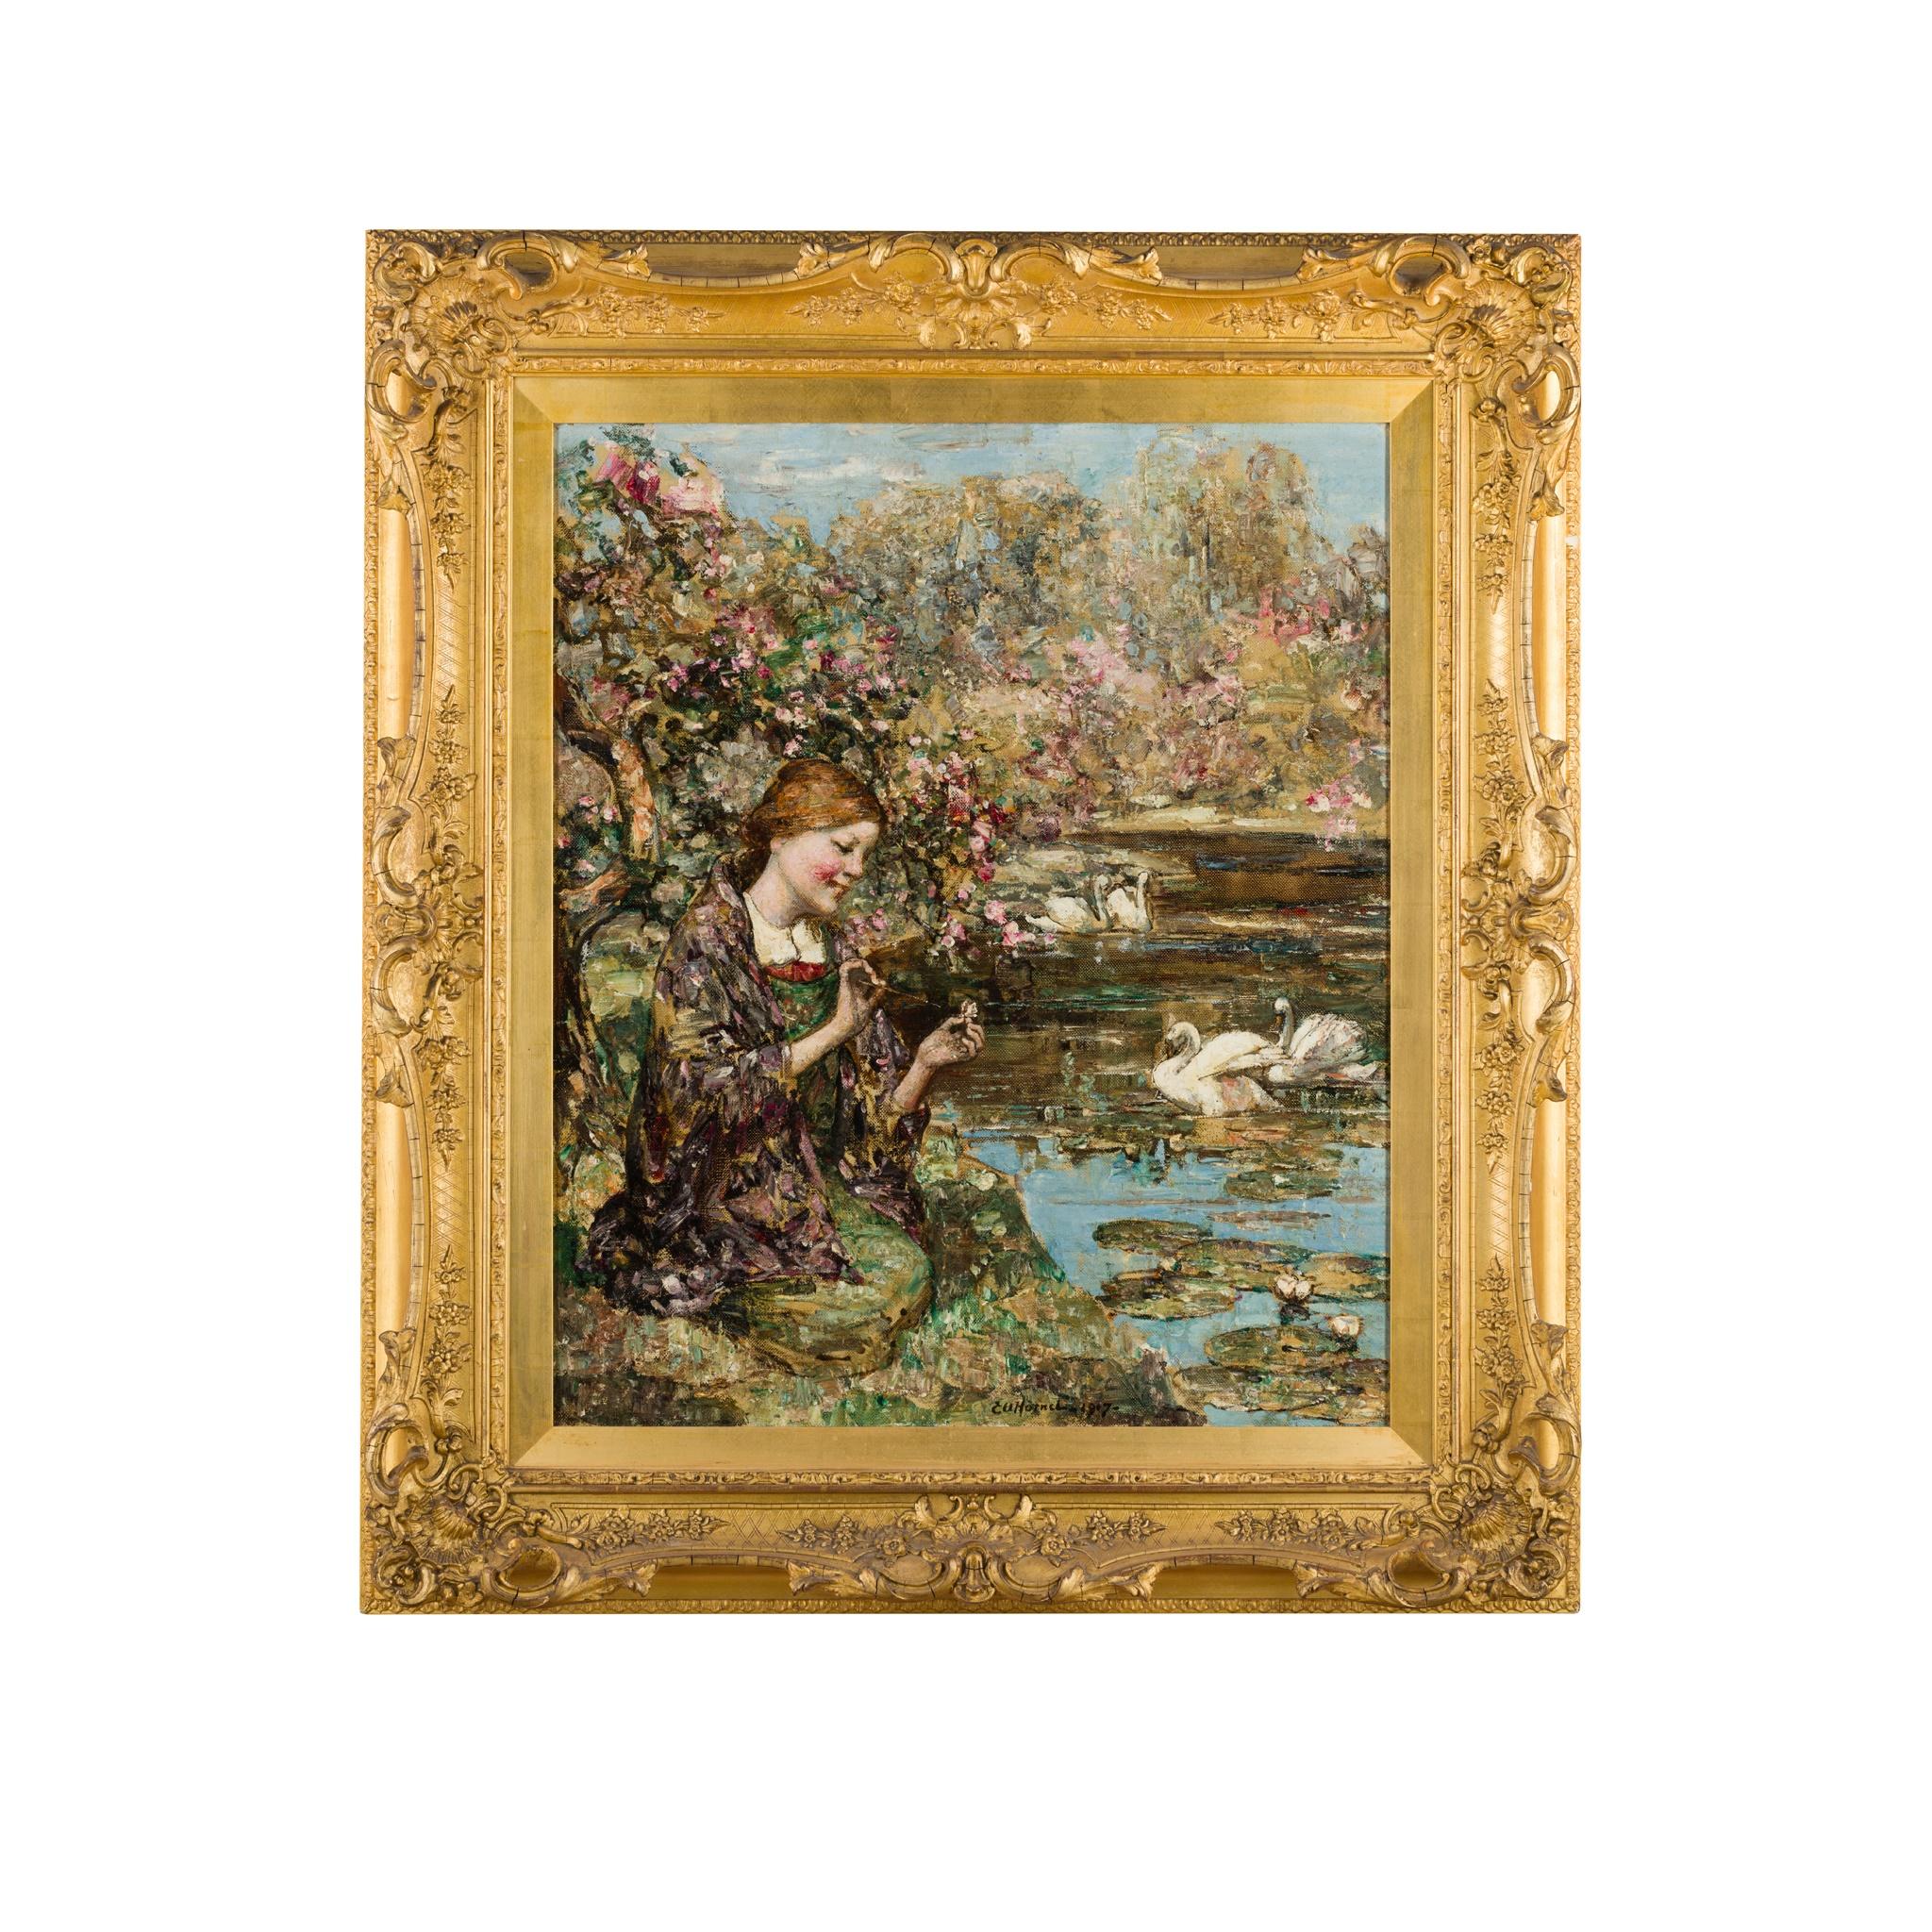 EDWARD ATKINSON HORNEL (SCOTTISH 1864-1933) SWAN LAKE - Image 2 of 3